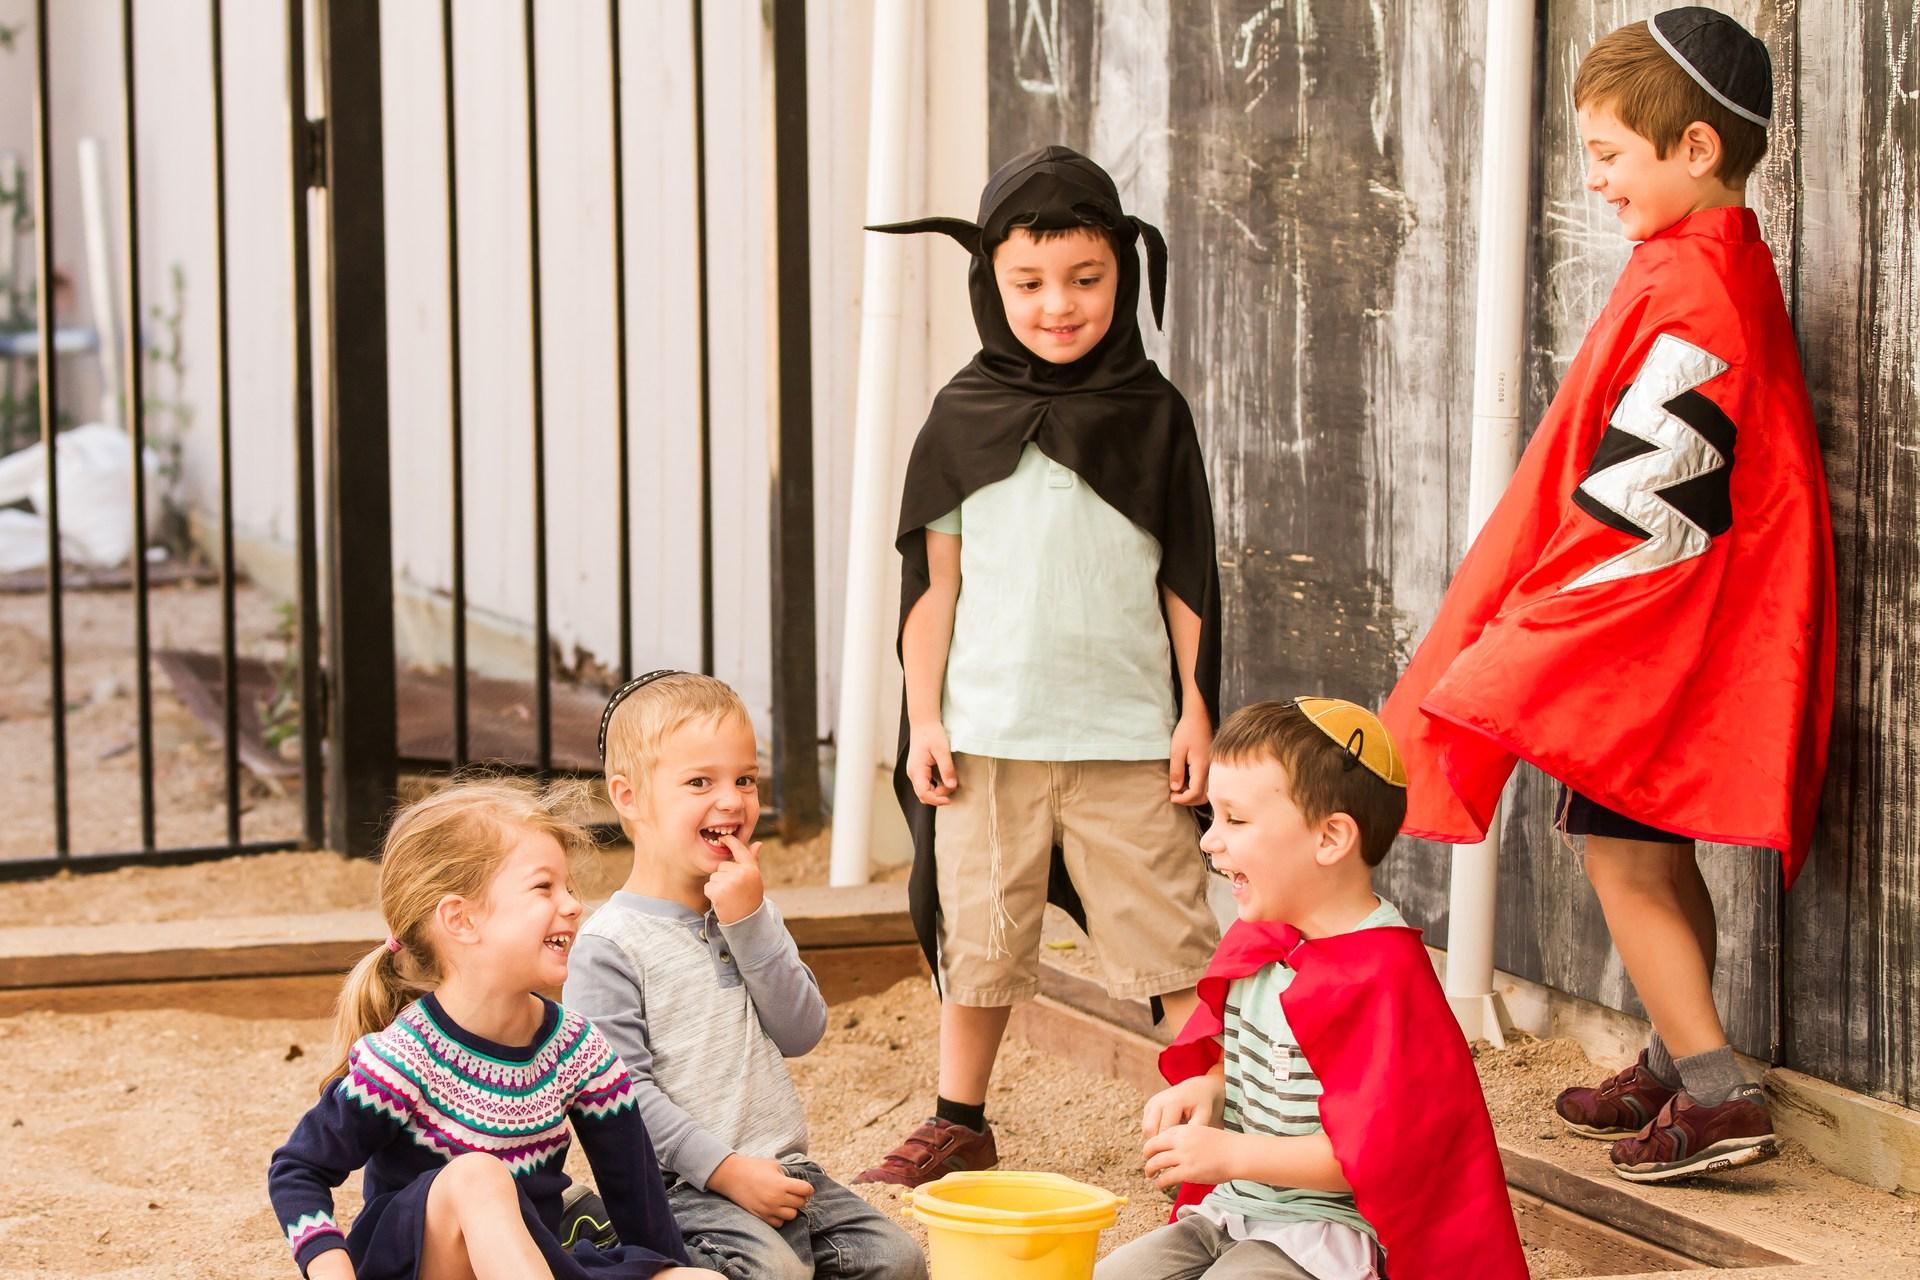 kids playing in the sandbox